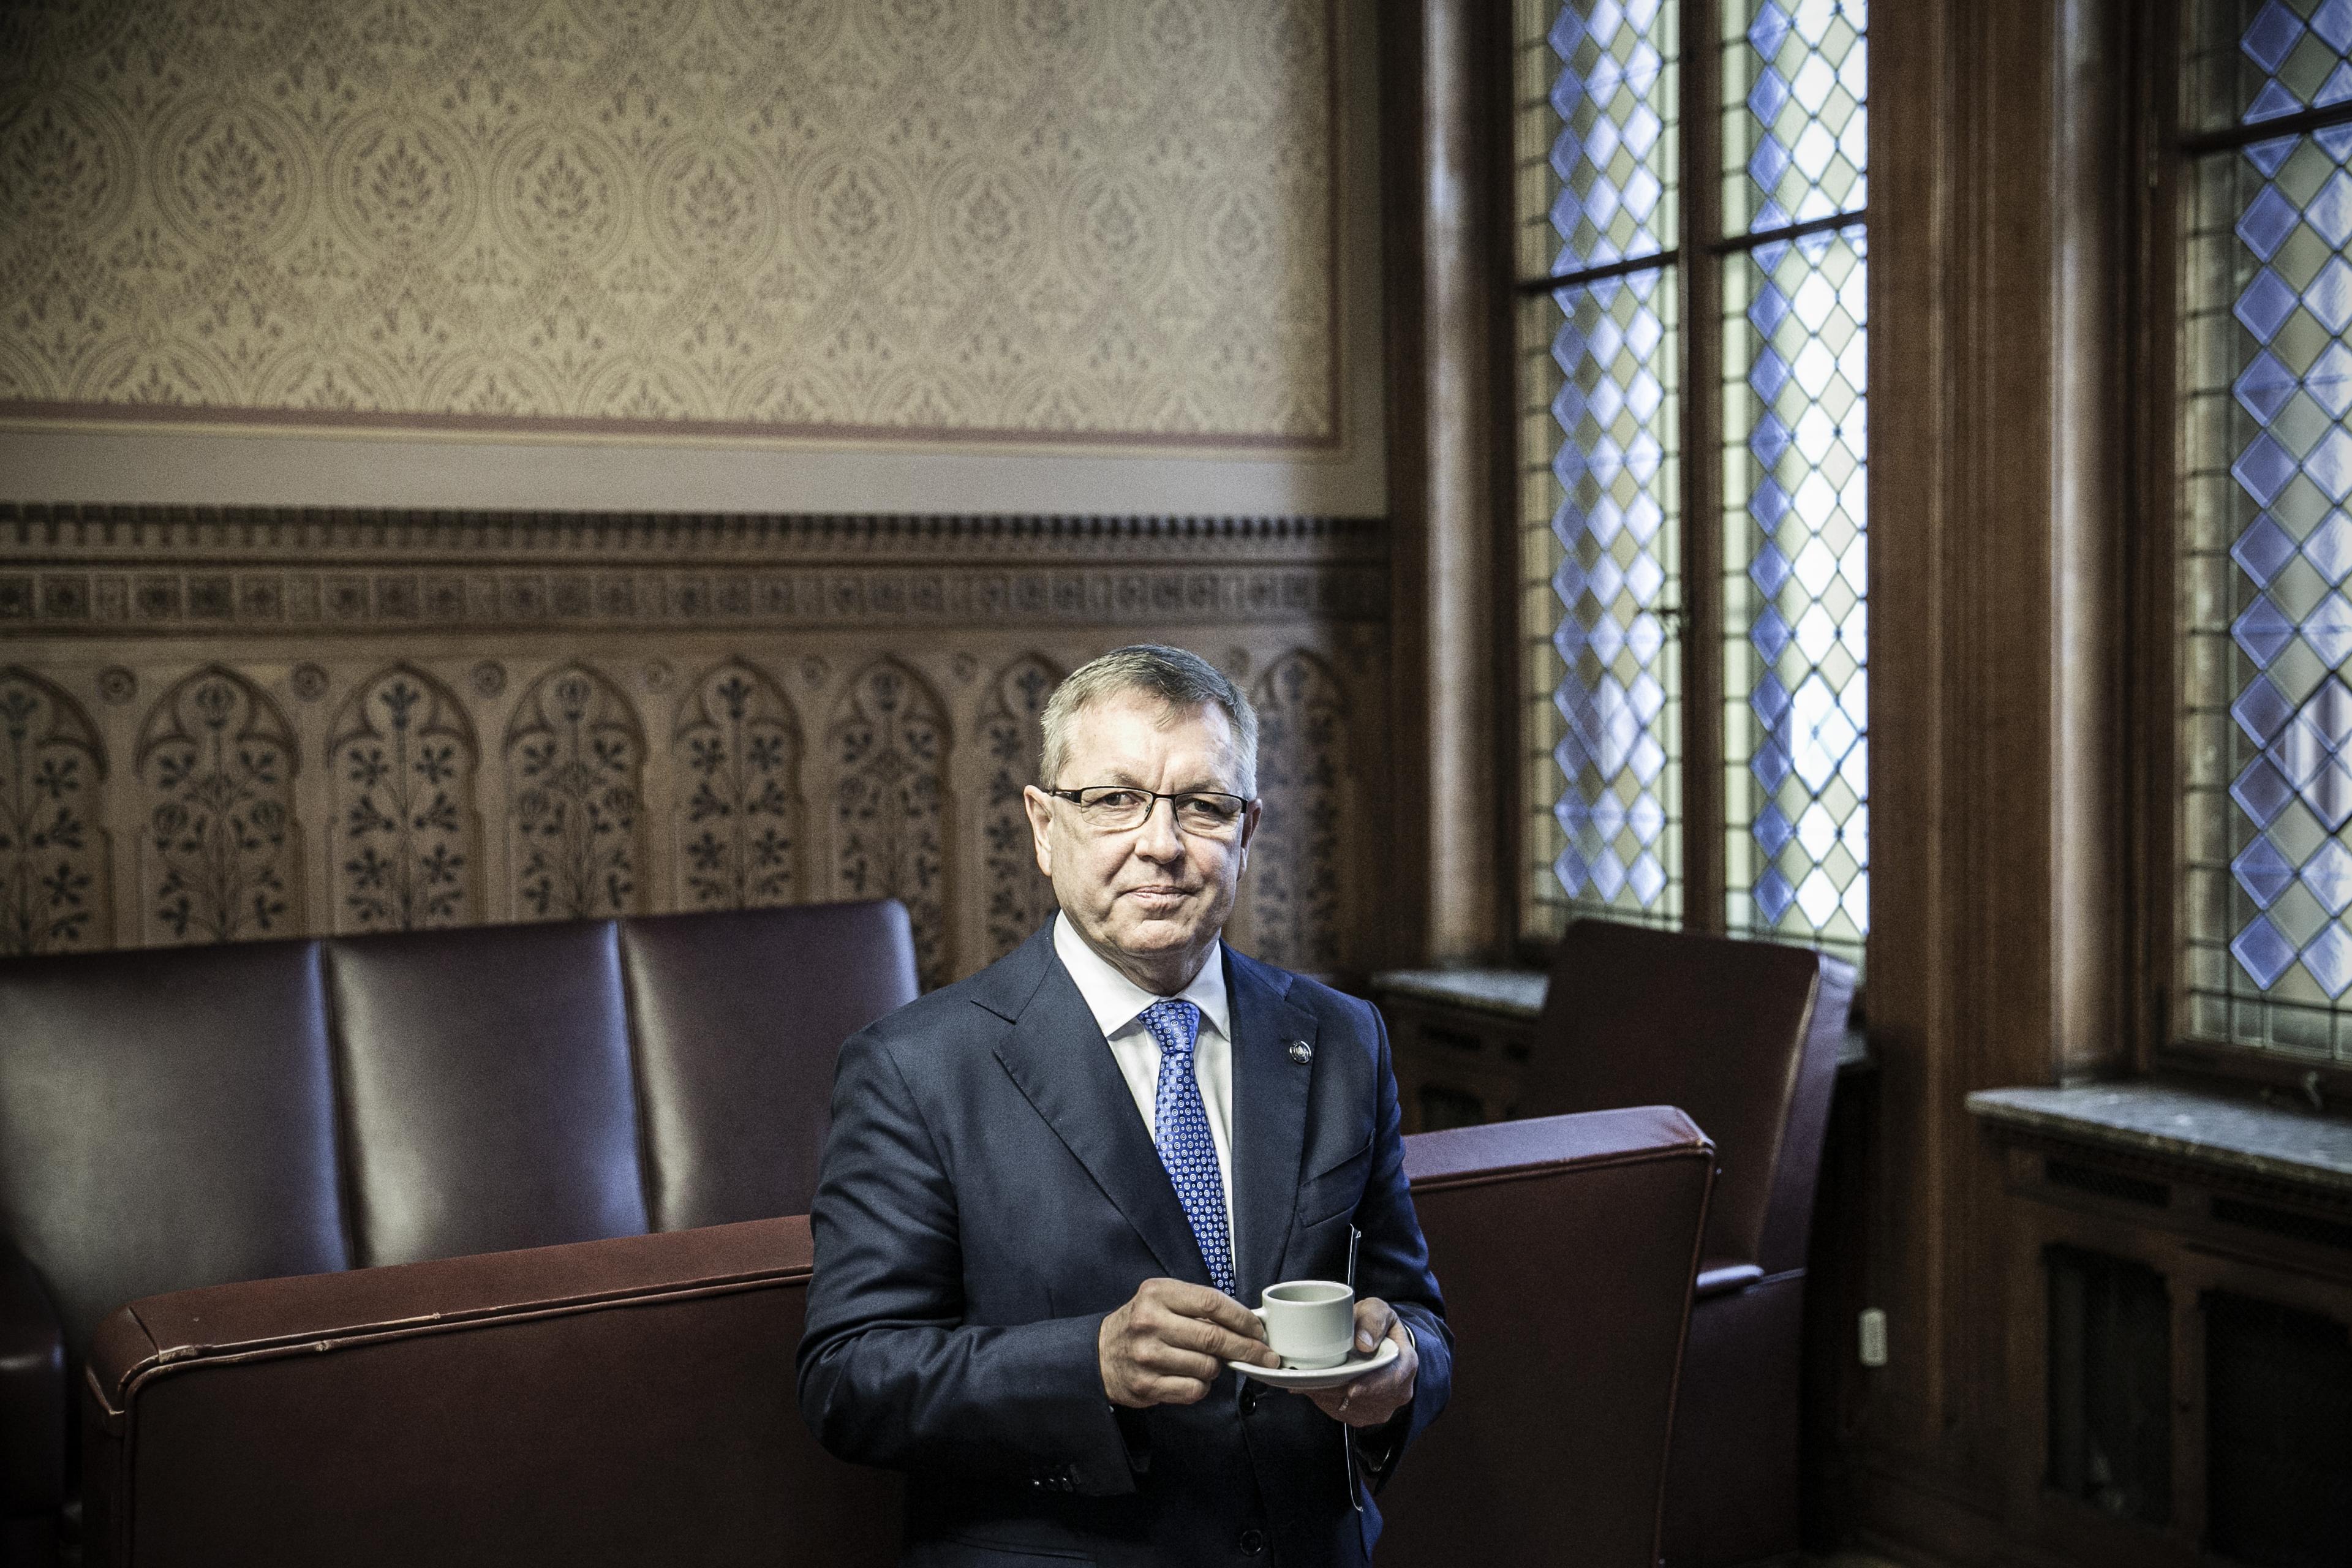 Matolcsy nem engedi be a jegybankba a Párbeszéd bejelentkező országgyűlési képviselőit